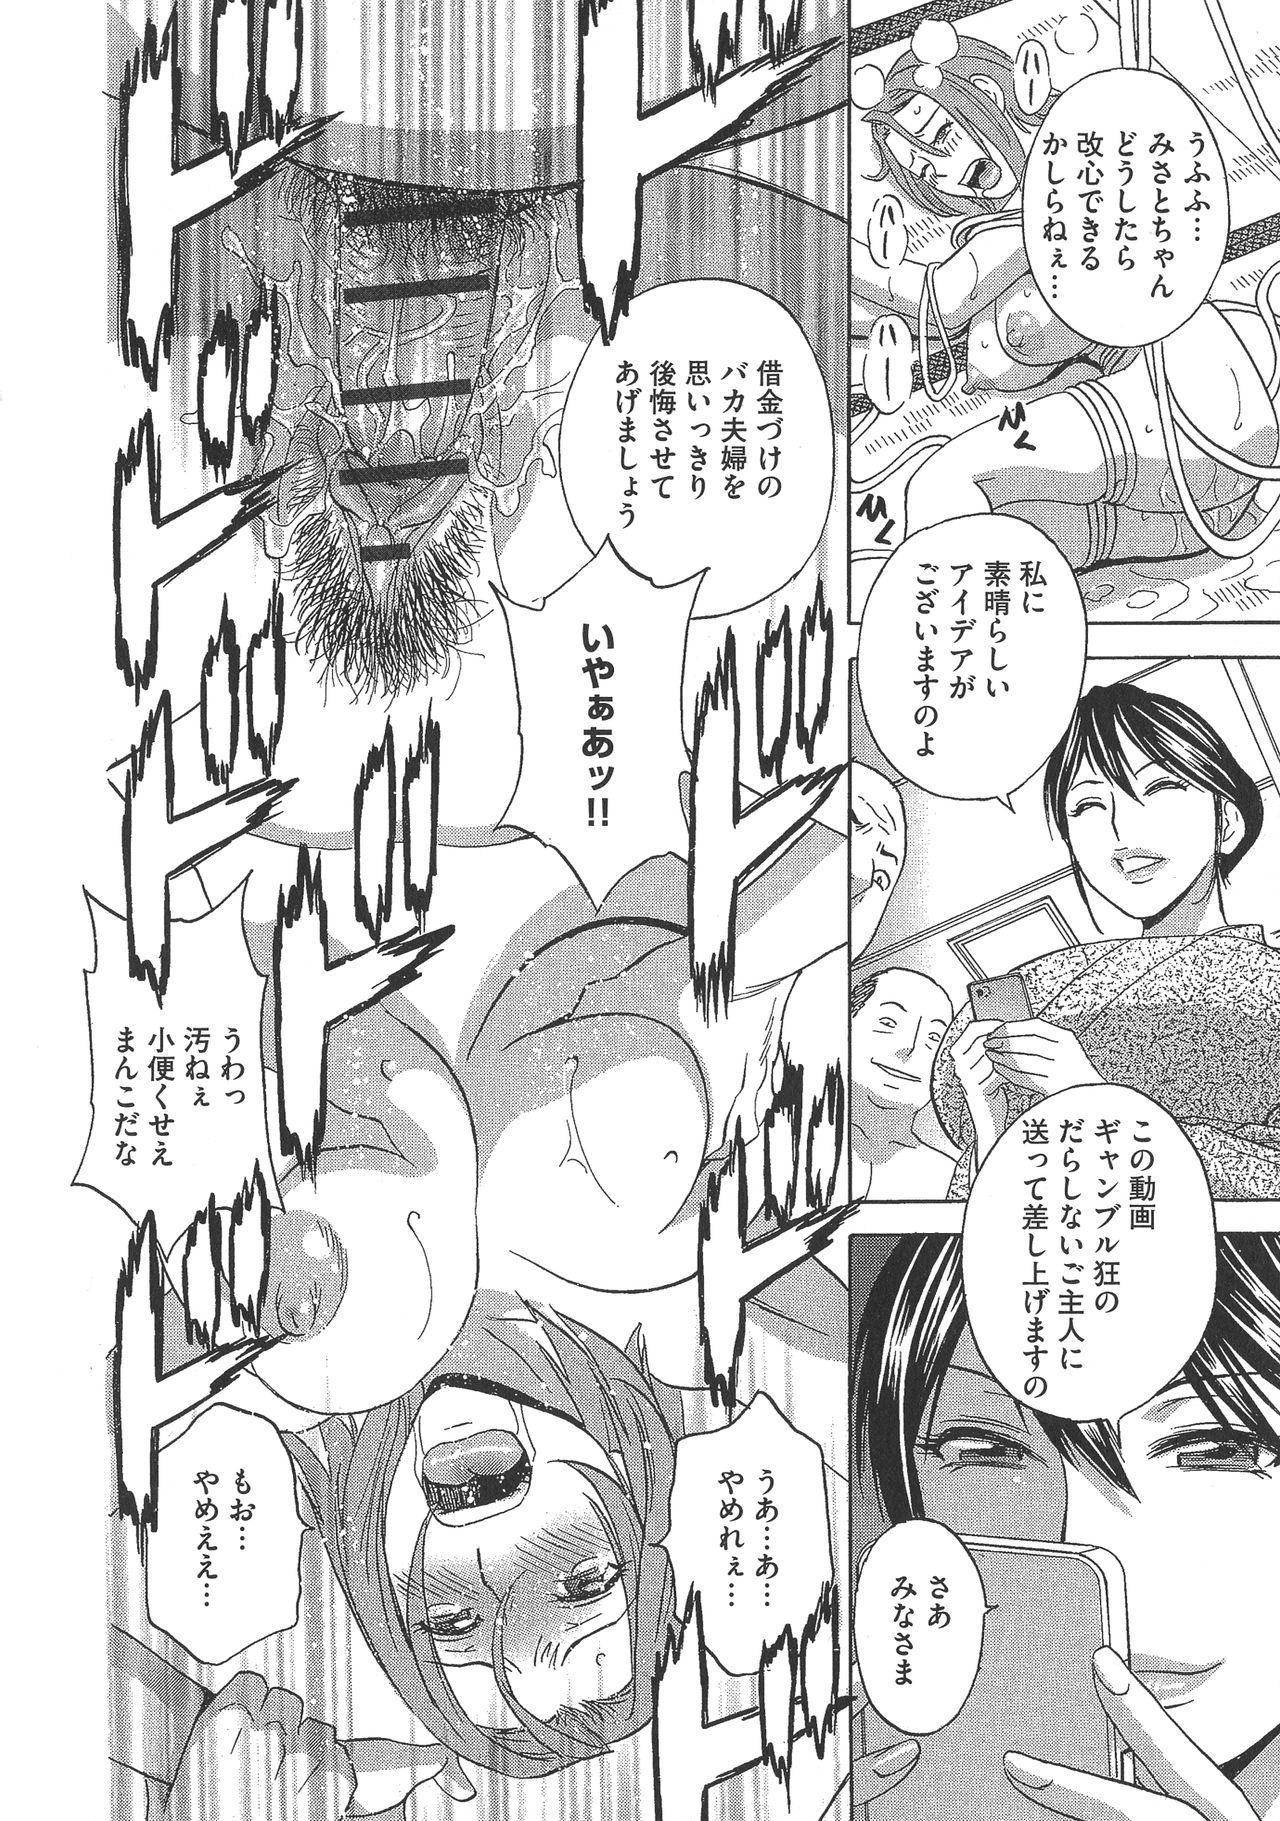 Chijoku ni Modaeru Haha no Chichi… 99